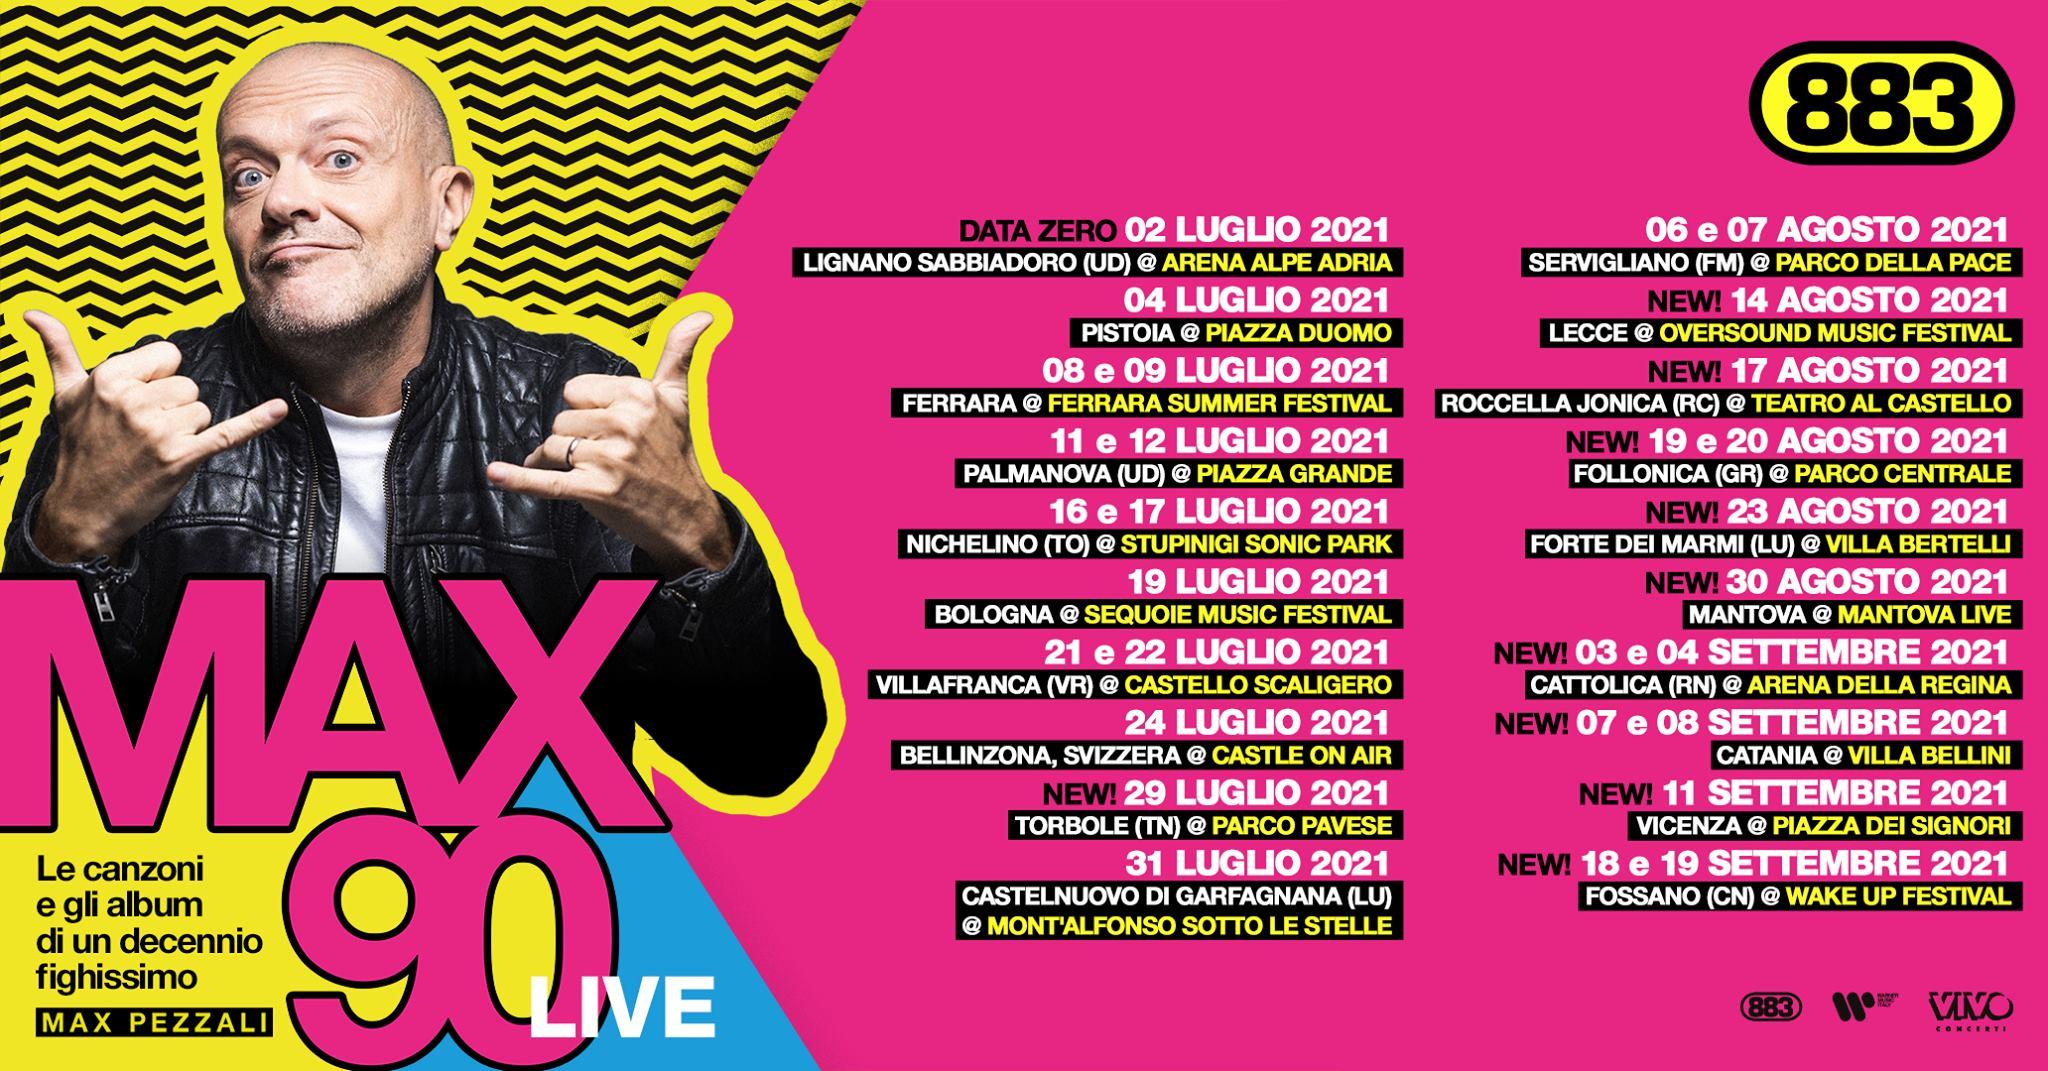 Max Pezzali 17 Agosto 2021 - Roccella Summer Festival